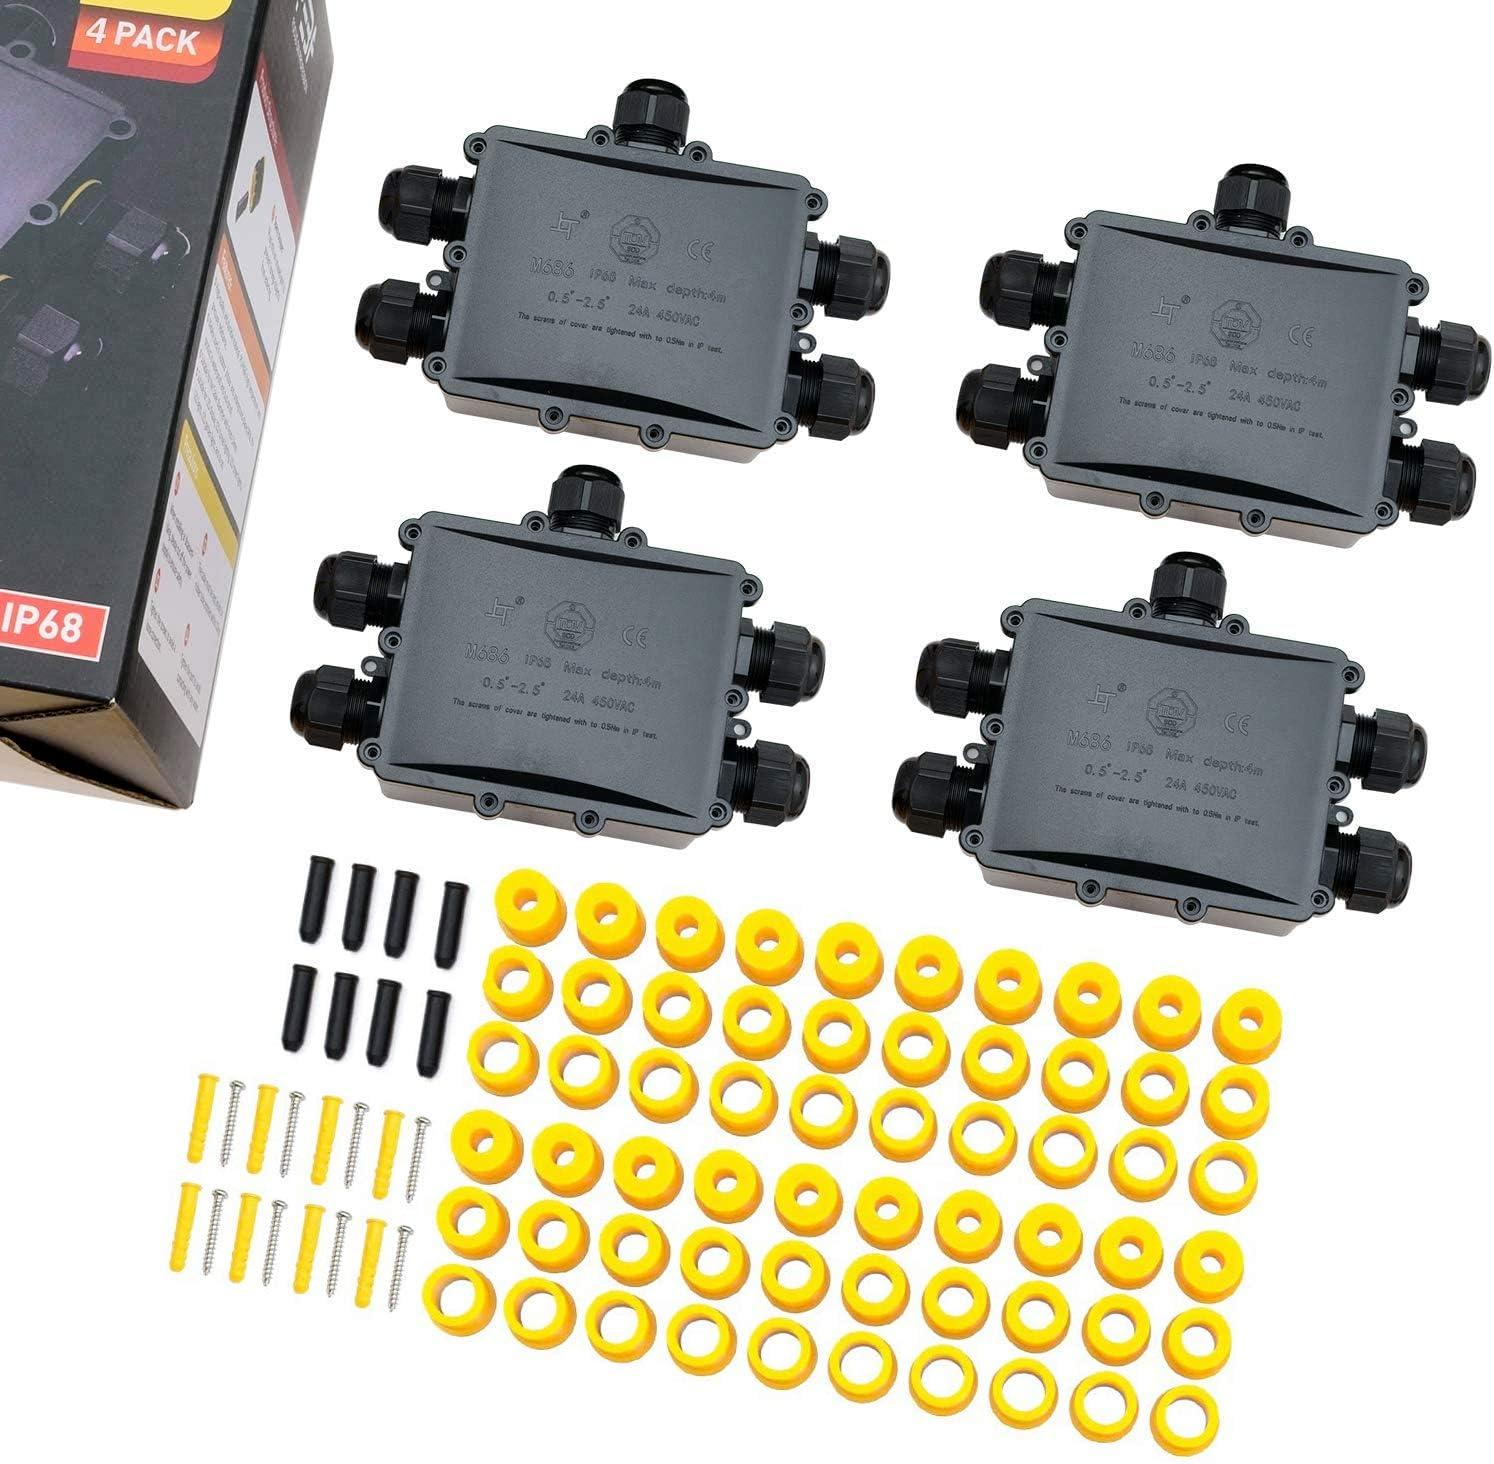 2x Kabelverbinder wasserdichte Verteilerdose für Erdkabel 1.0-2.5 mm² 450V  IP68